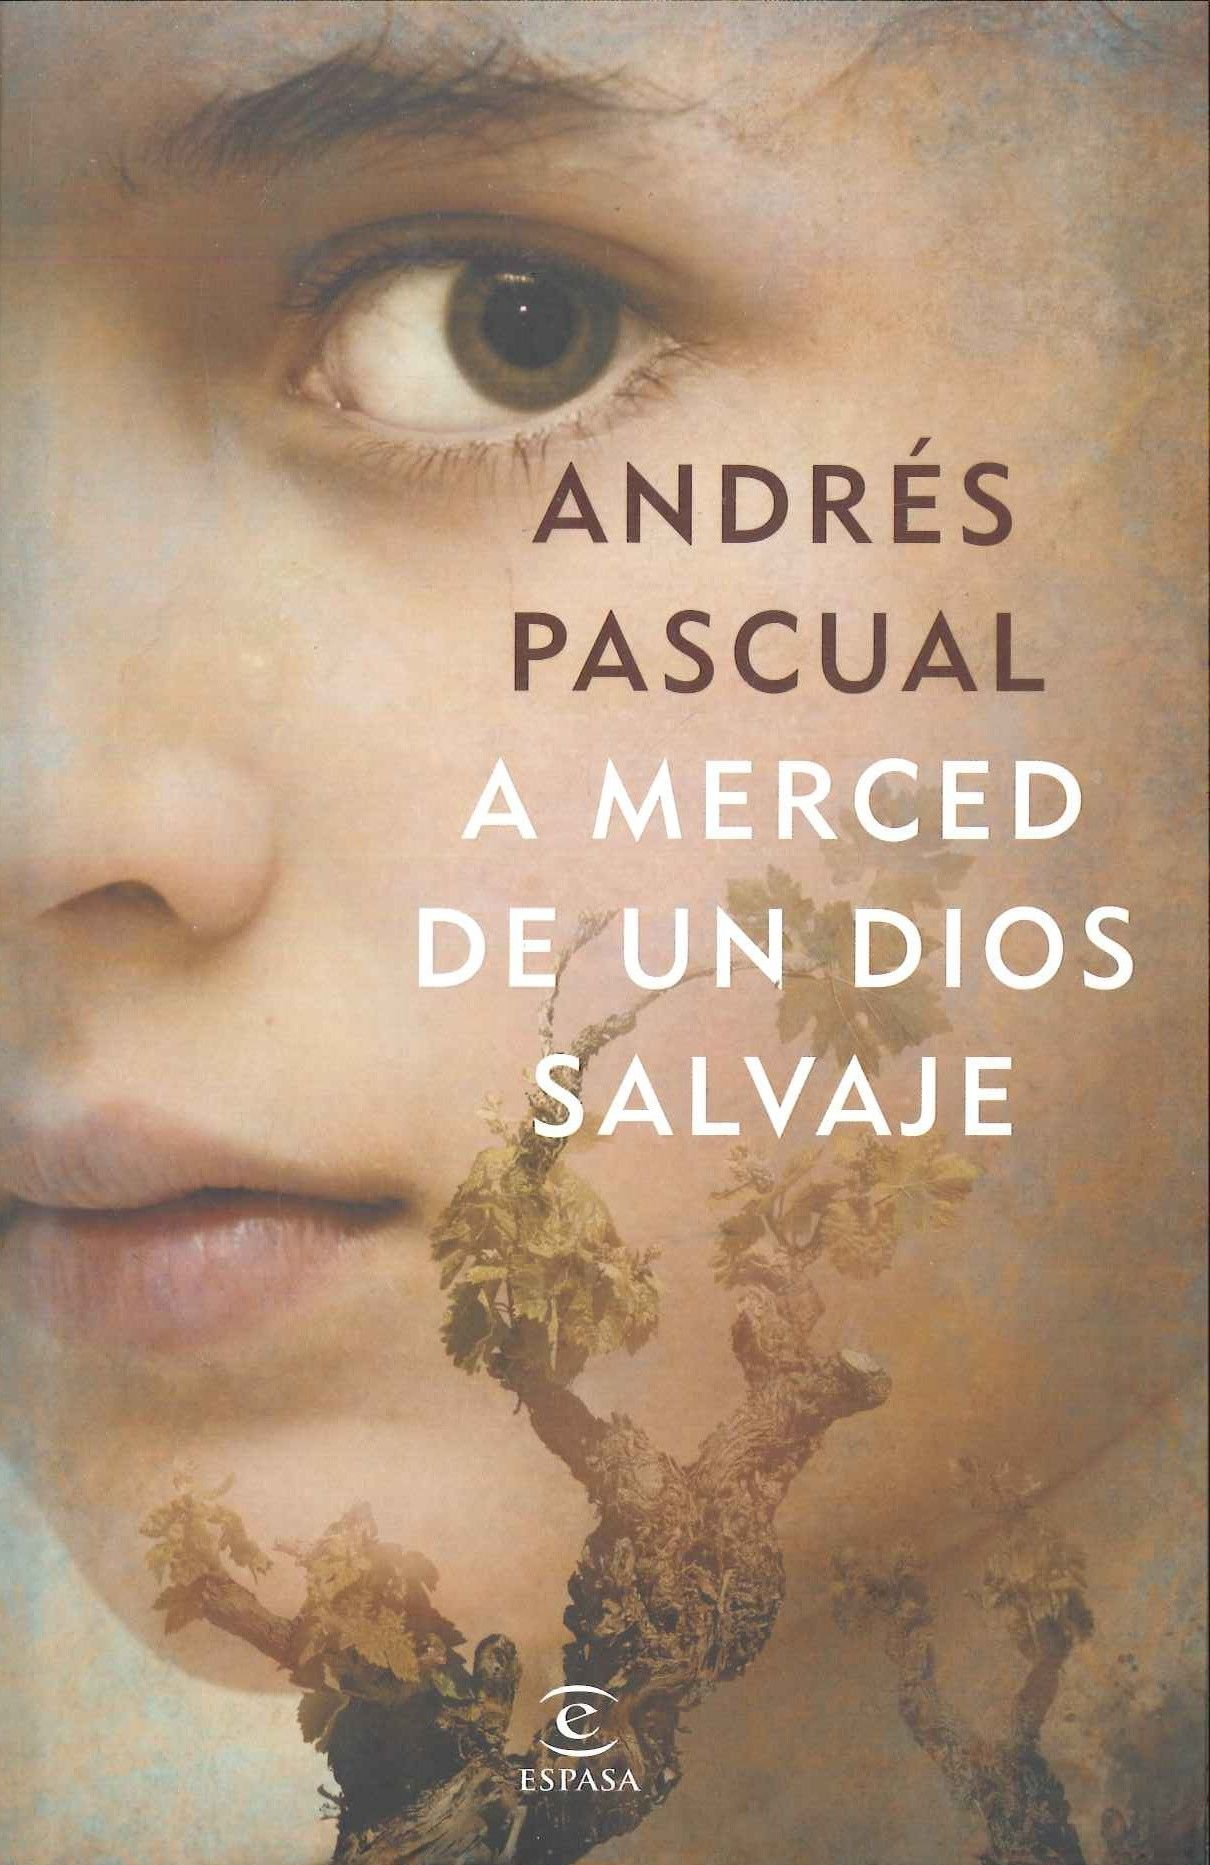 """""""A merced de un Dios salvaje"""" Andrés Pascual. Hugo Betancor, un fotógrafo"""